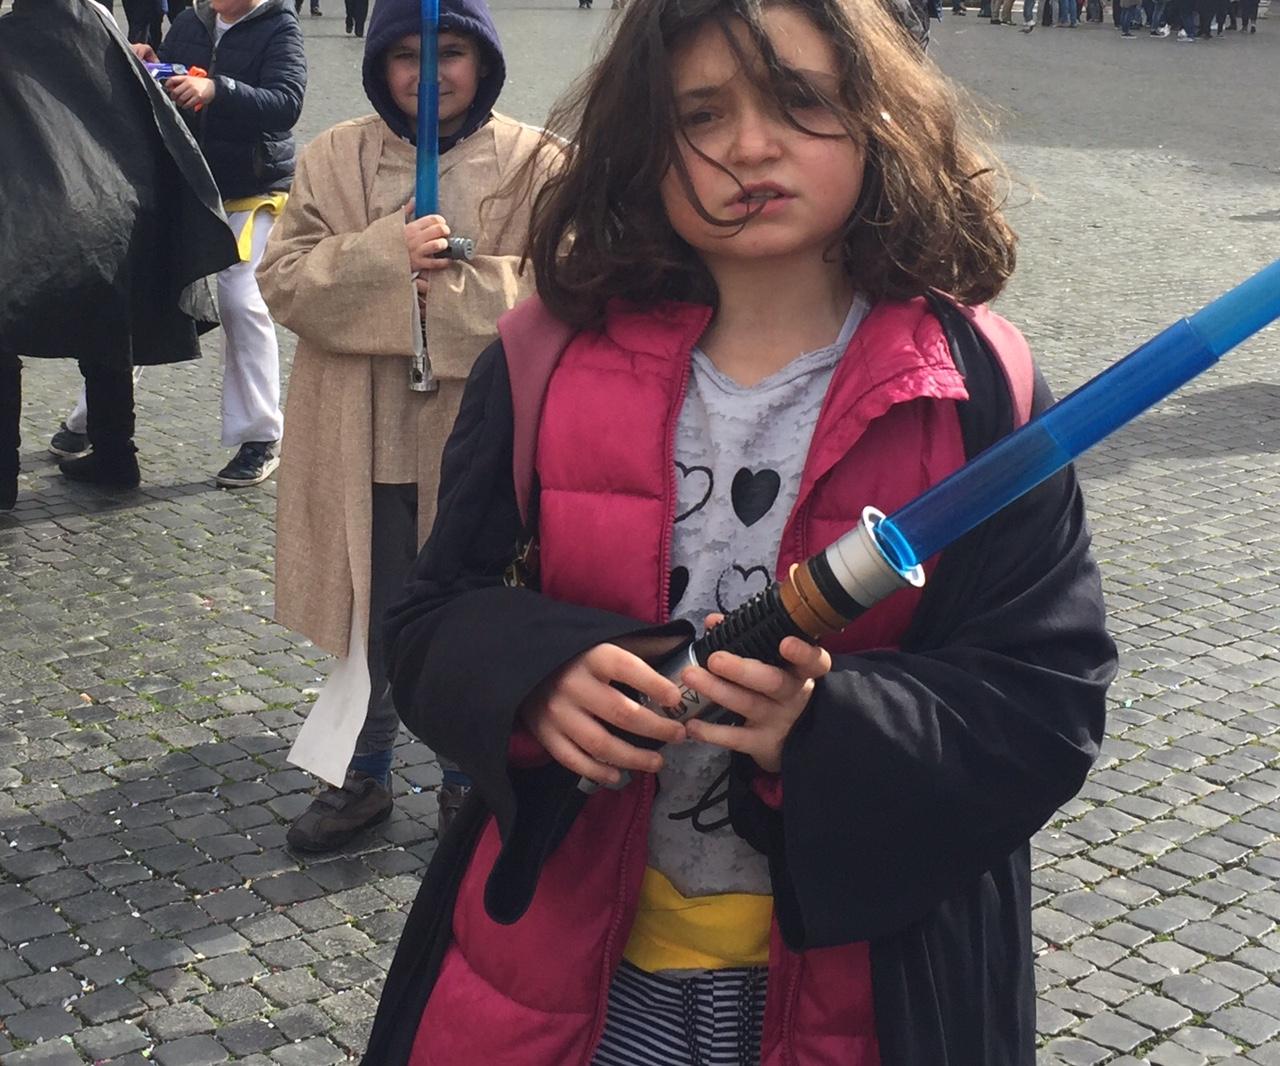 Bambine ribelli a chi? Siamo noi ogni giorno – anche l'8 marzo